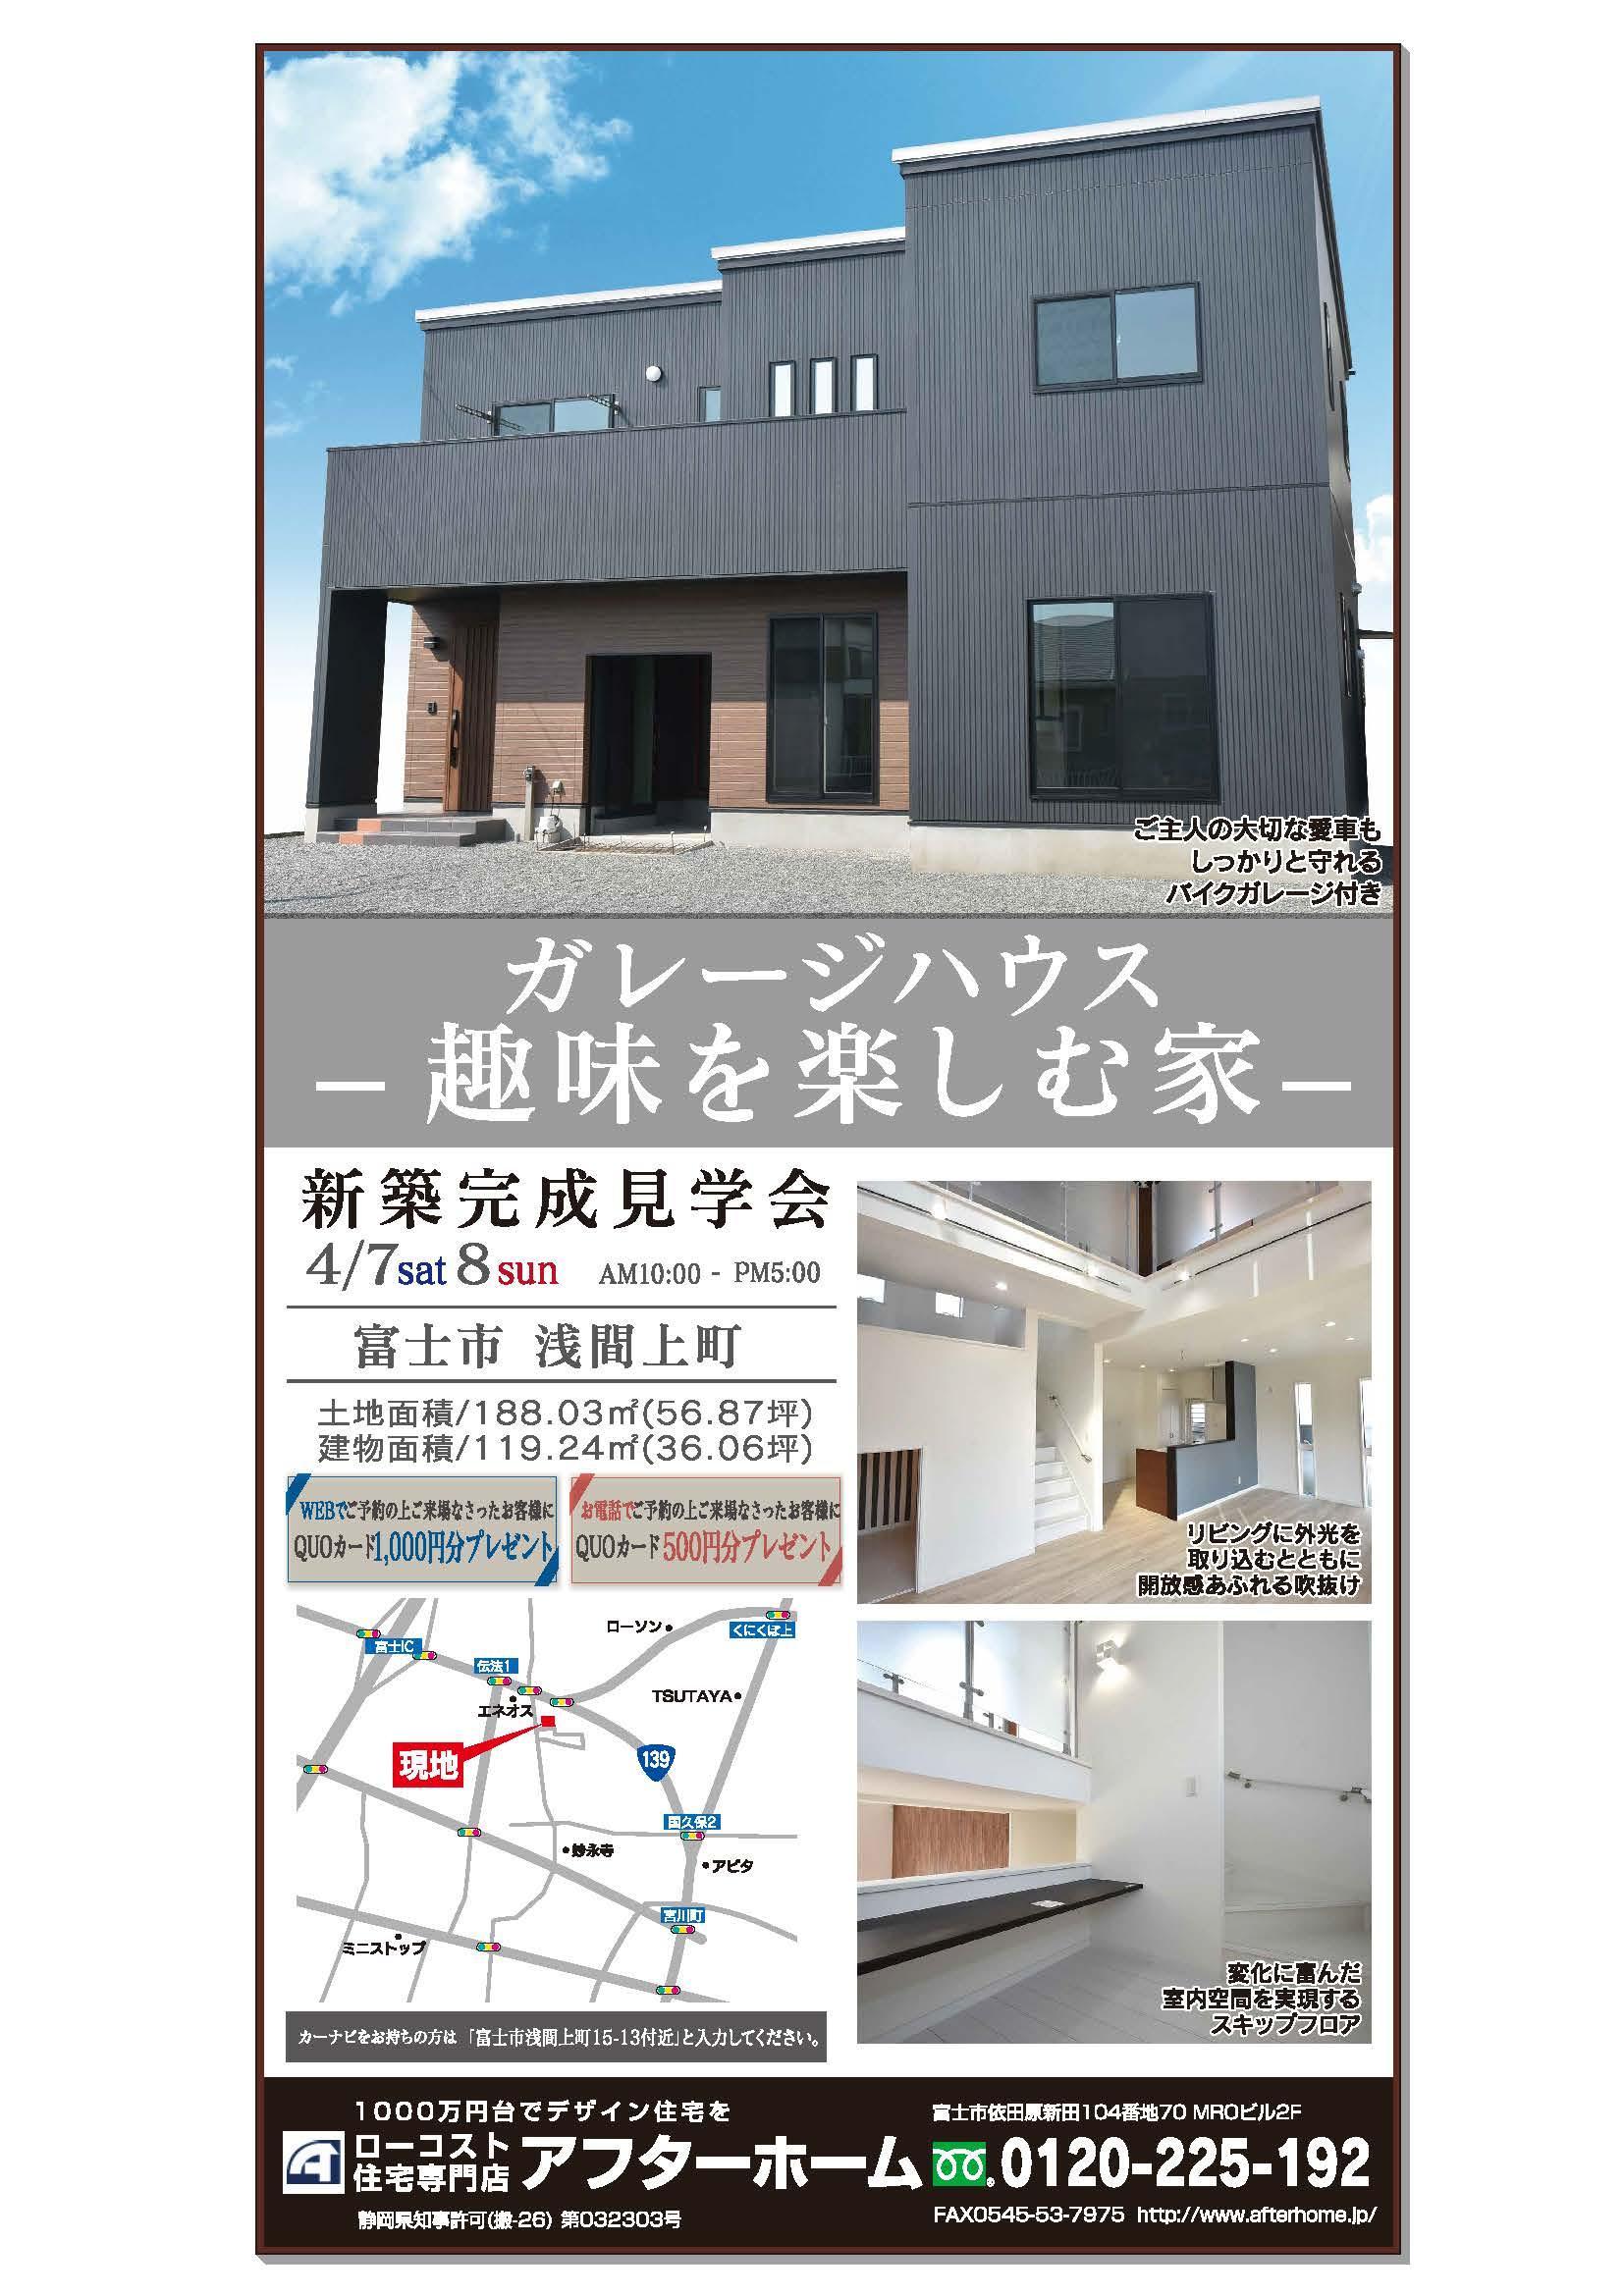 浅間上町見学会 4月7・8 JPEG[